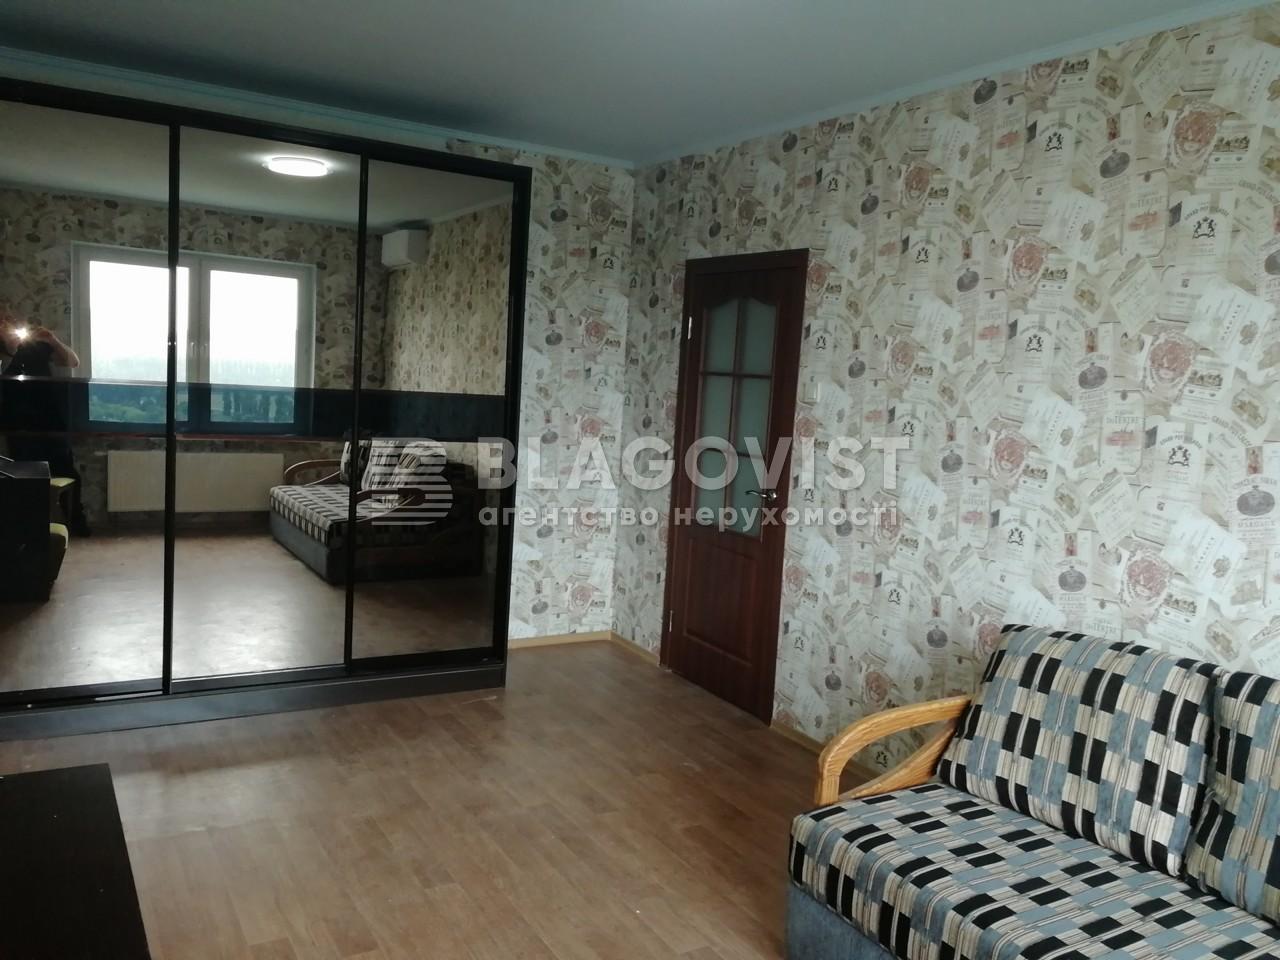 Квартира A-112344, Ломоносова, 85а, Киев - Фото 9